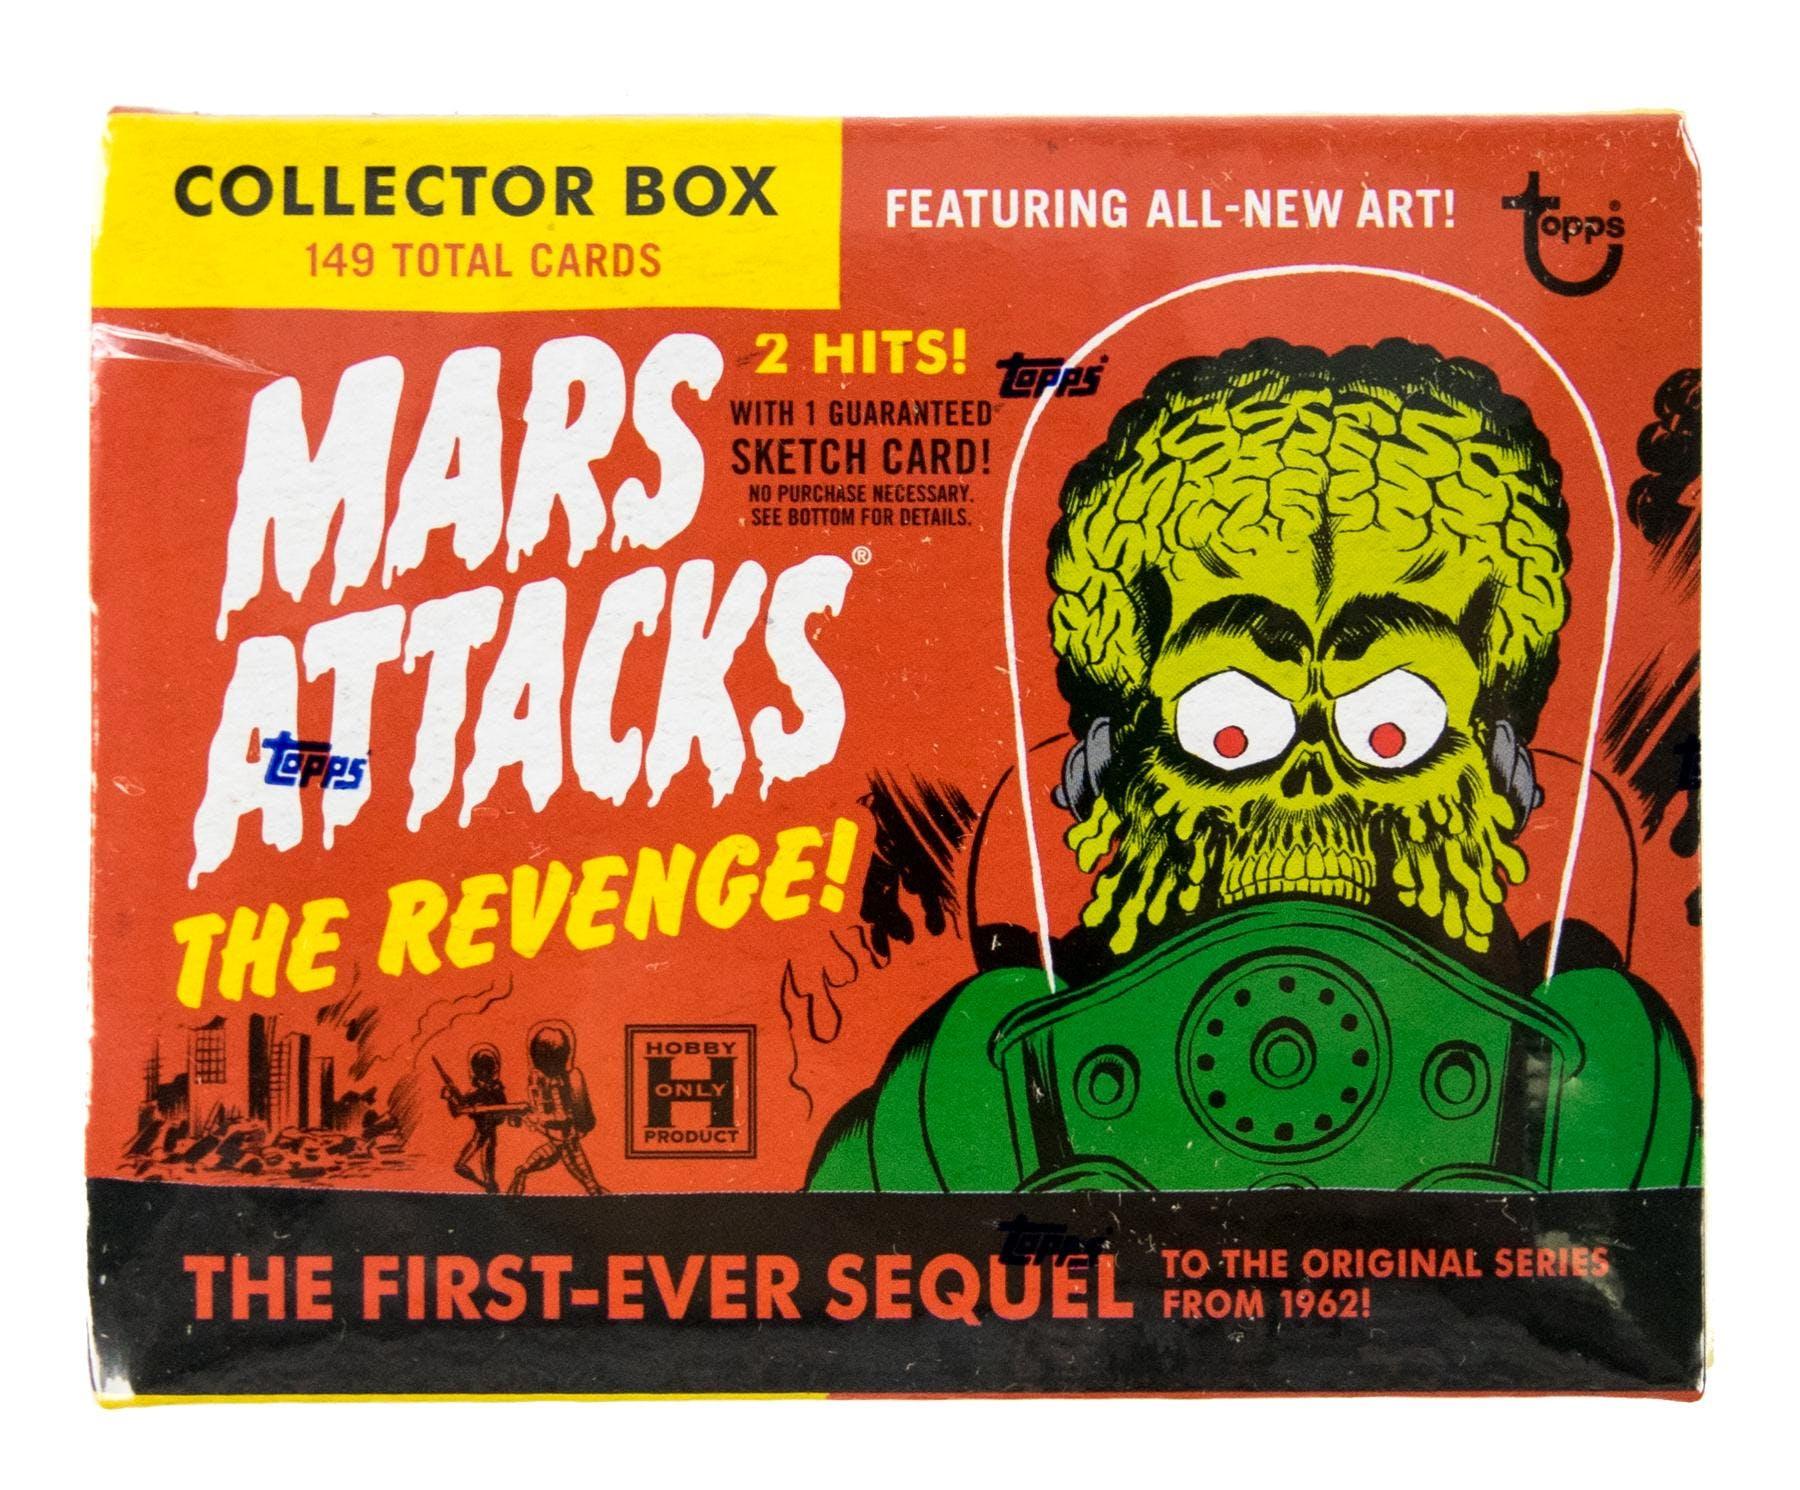 Mars Attacks The Revenge Trading Cards Hobby Box Topps